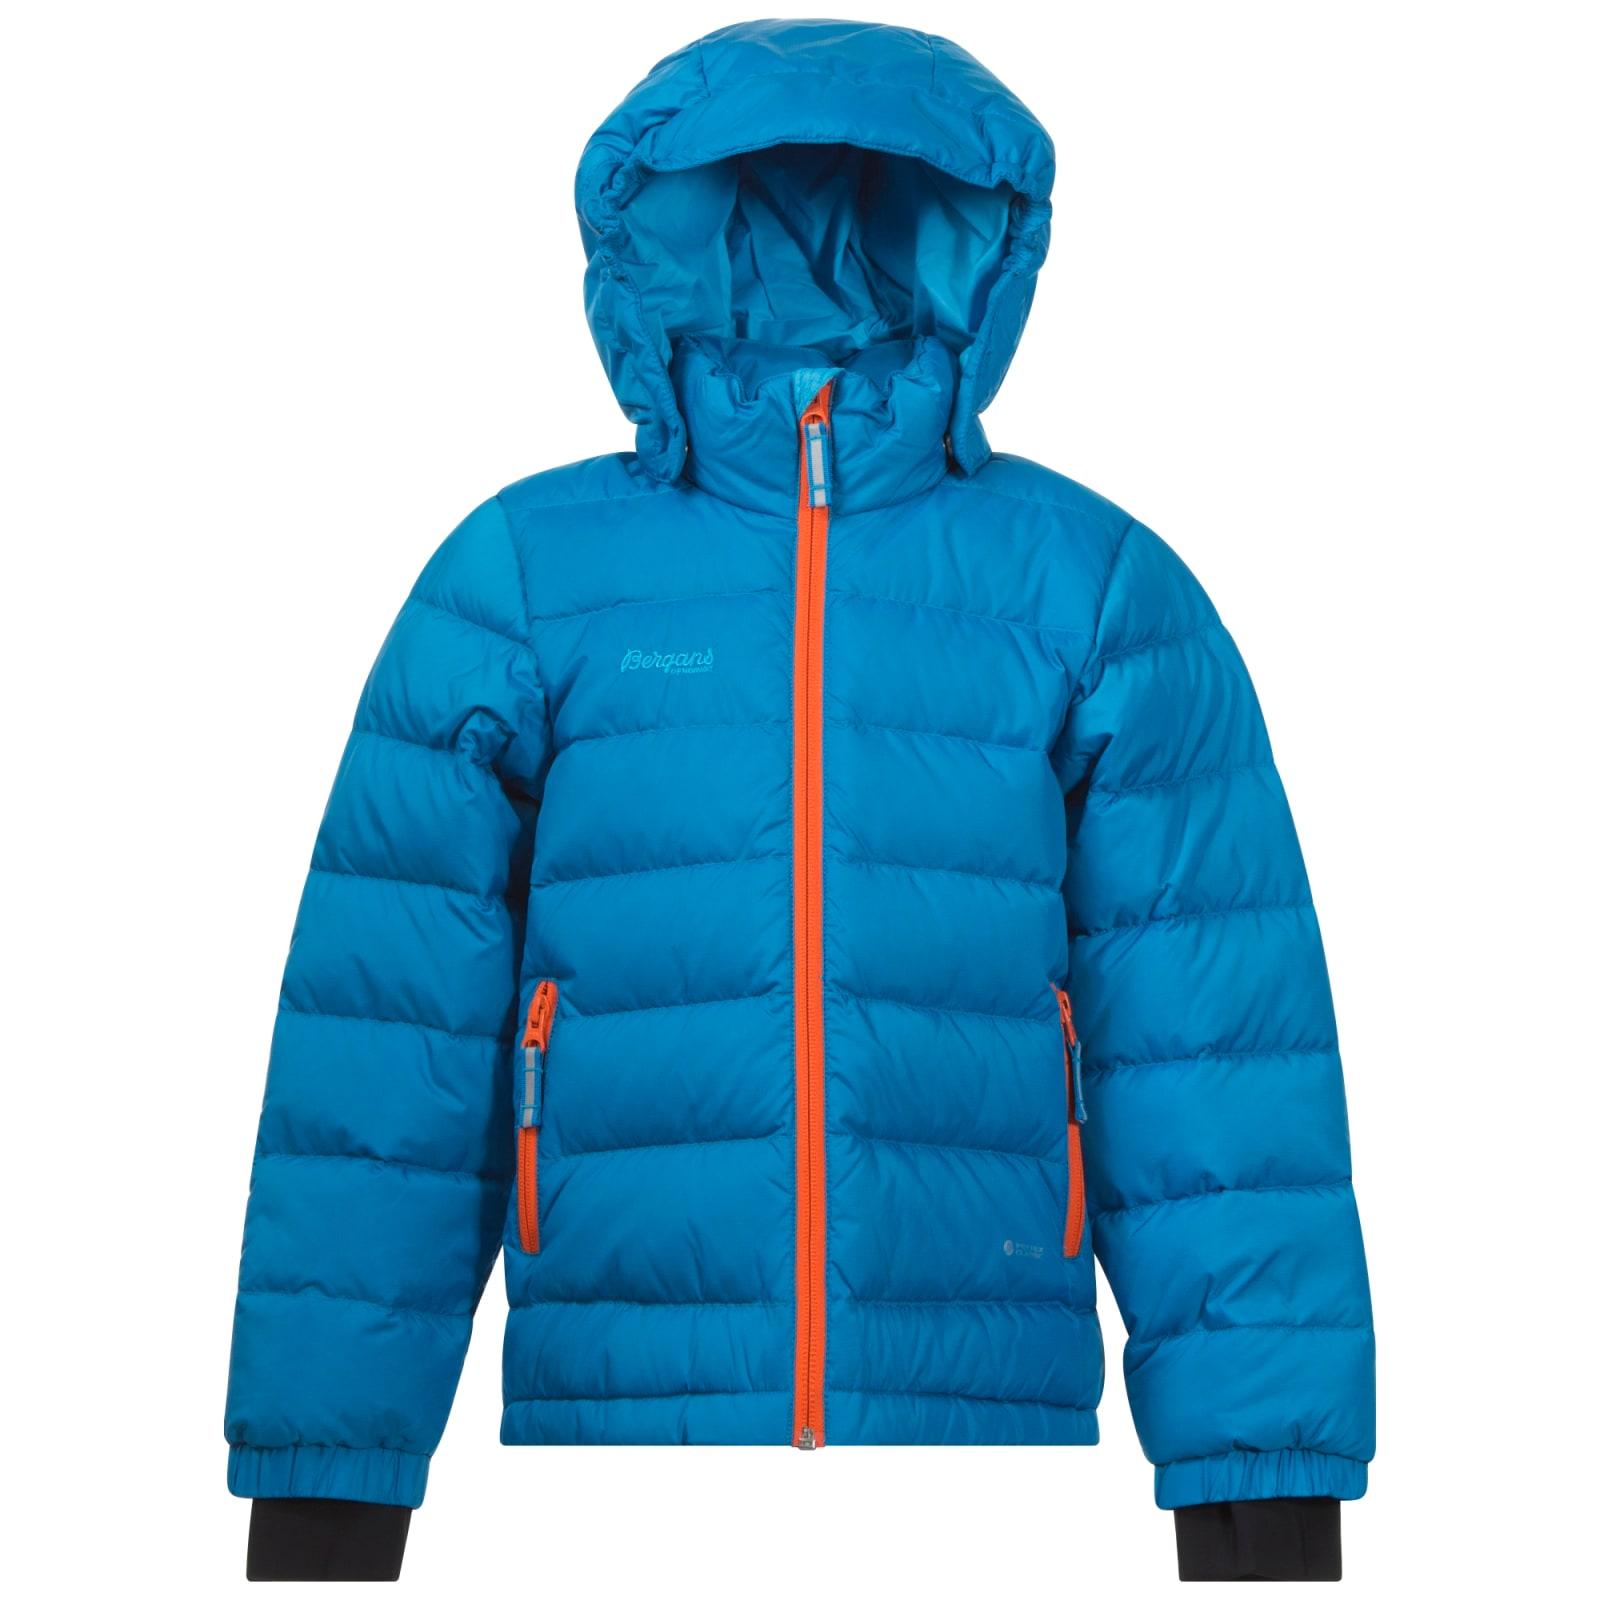 6d50b279 Kjøp Bergans Down Kids Jacket fra Outnorth